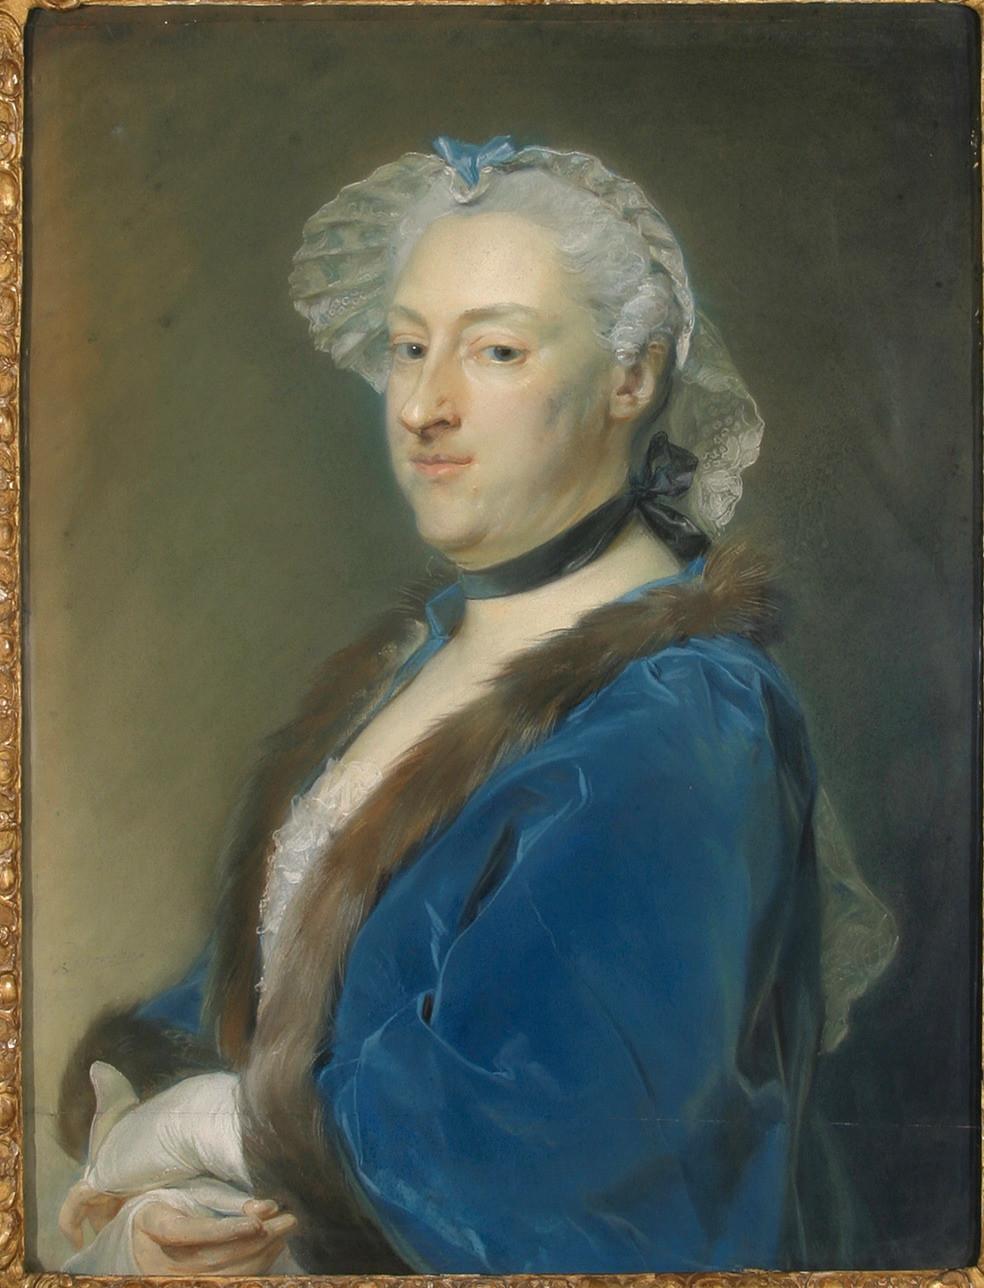 Jean-Baptiste Perronneau, Portrait de Mme Lafontaine, 1750, collection particulière